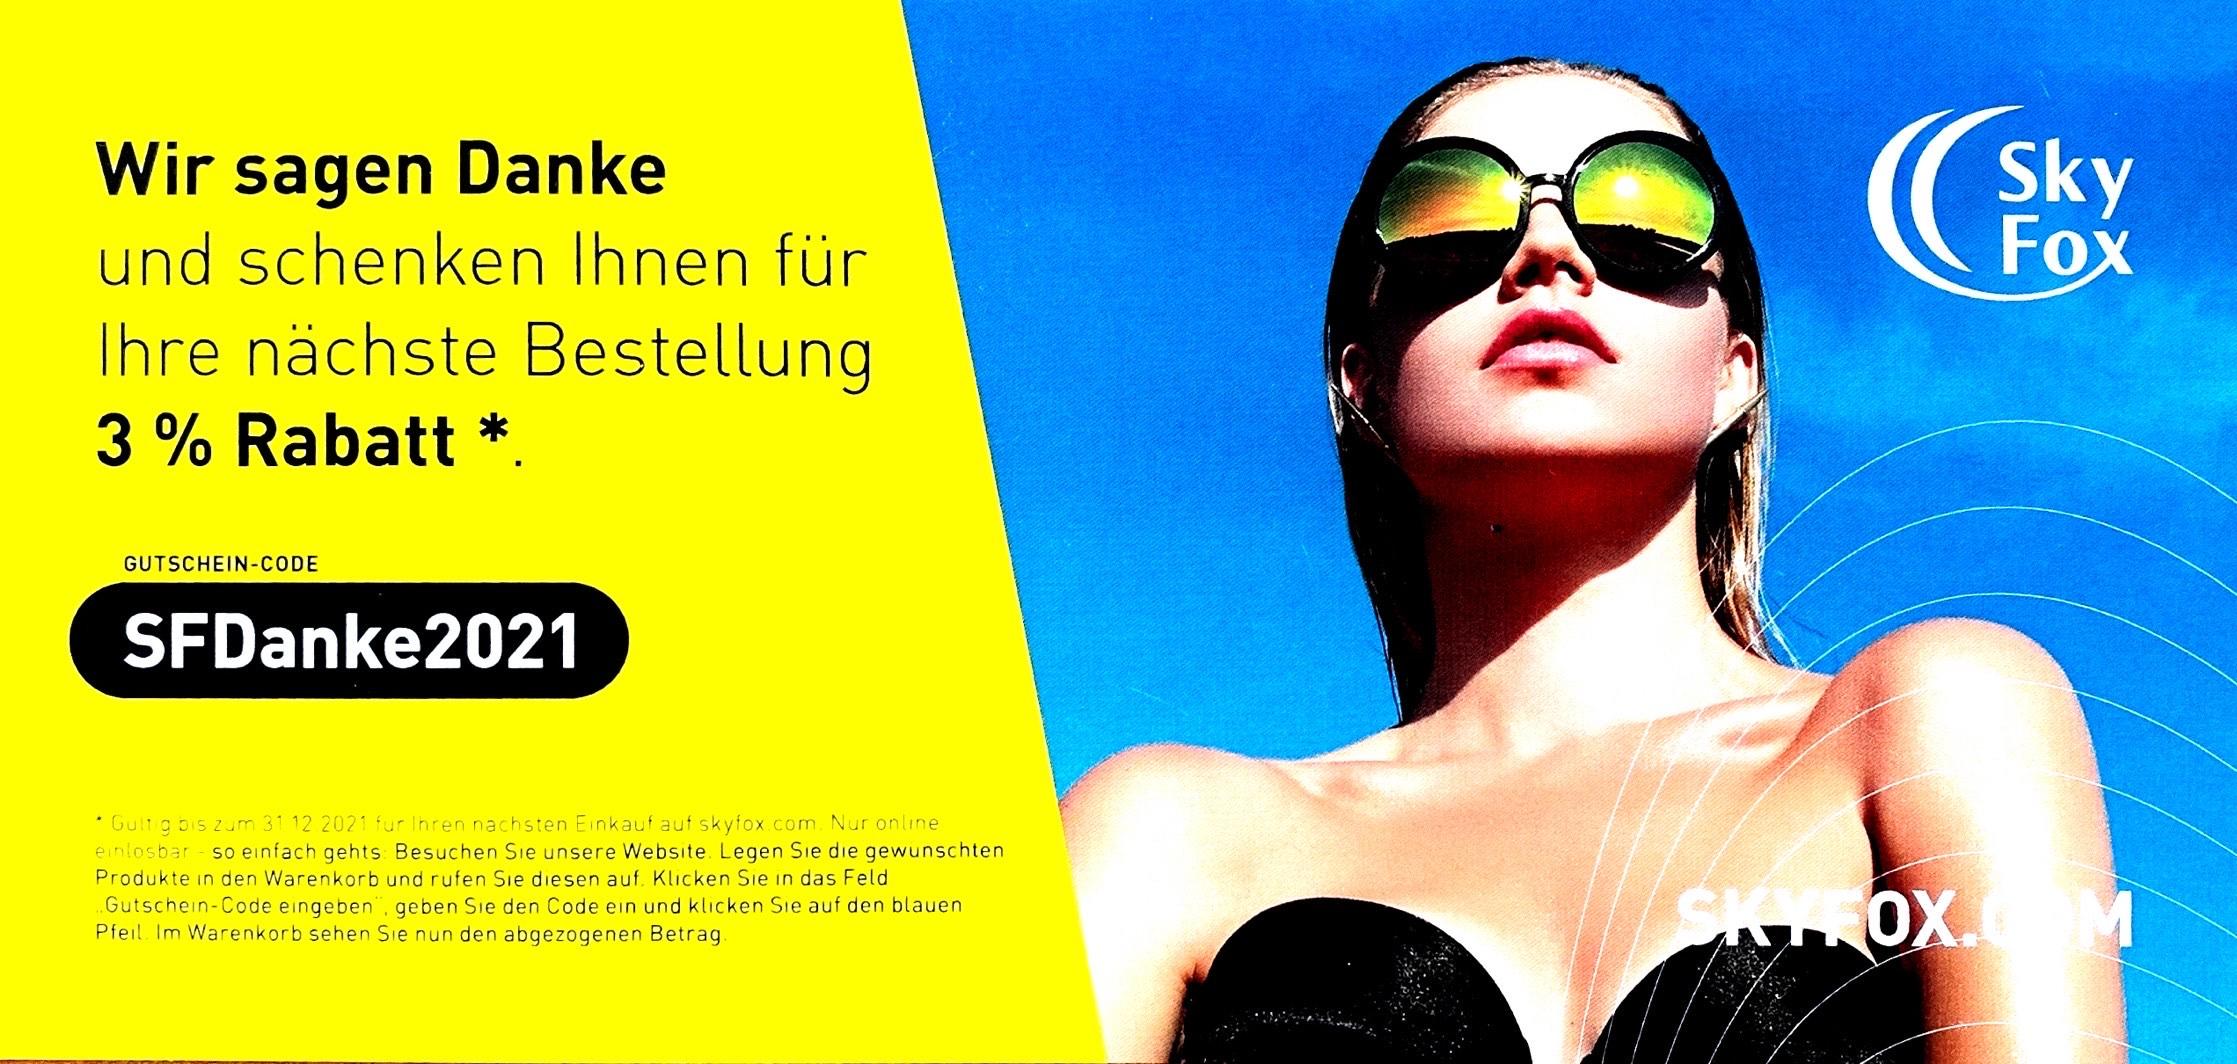 3% Rabatt auf alle Produkte bei Skyfox.com (Luftfahrtbedarf)